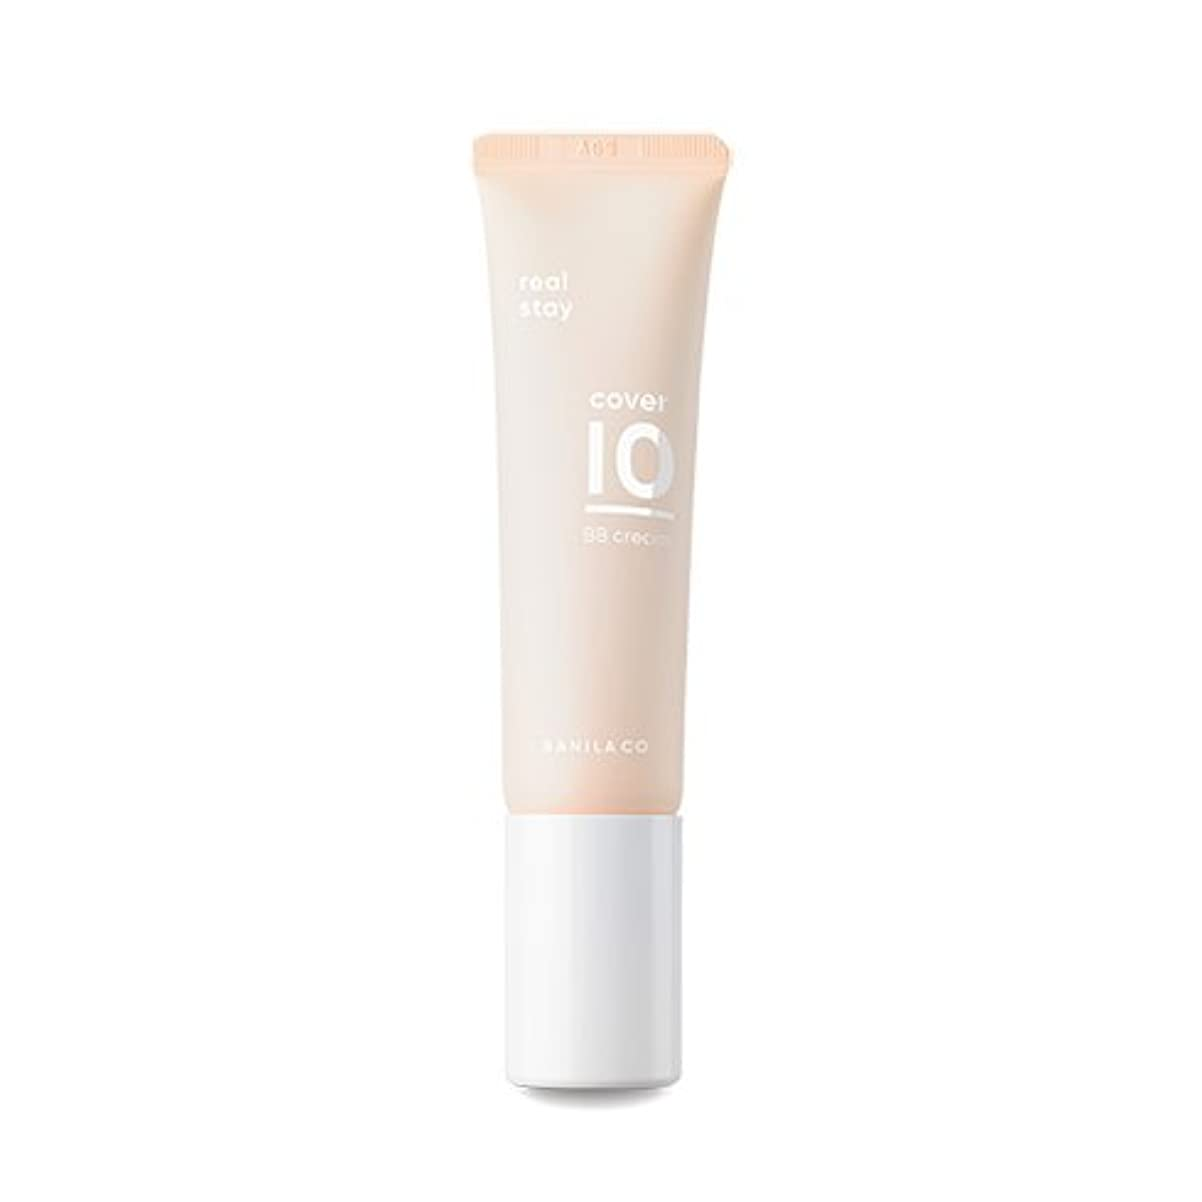 レベル同等のシンボル[Renewal] BANILA CO Cover 10 Real Stay BB Cream 30ml/バニラコ カバー 10 リアル ステイ BBクリーム 30ml (#Light Beige) [並行輸入品]